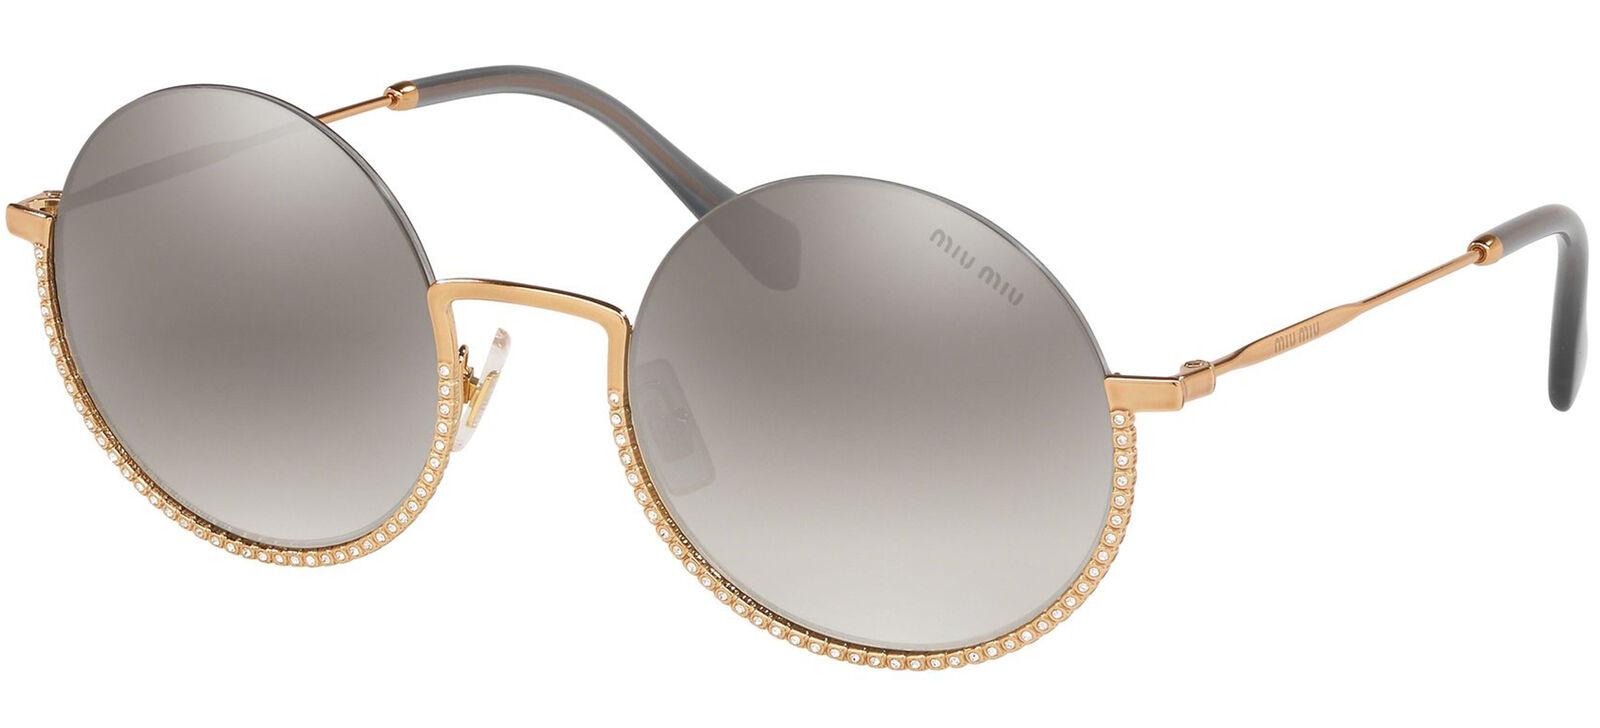 Miu Miu SMU 69U Gold/Grey 52/22/140 women Sunglasses